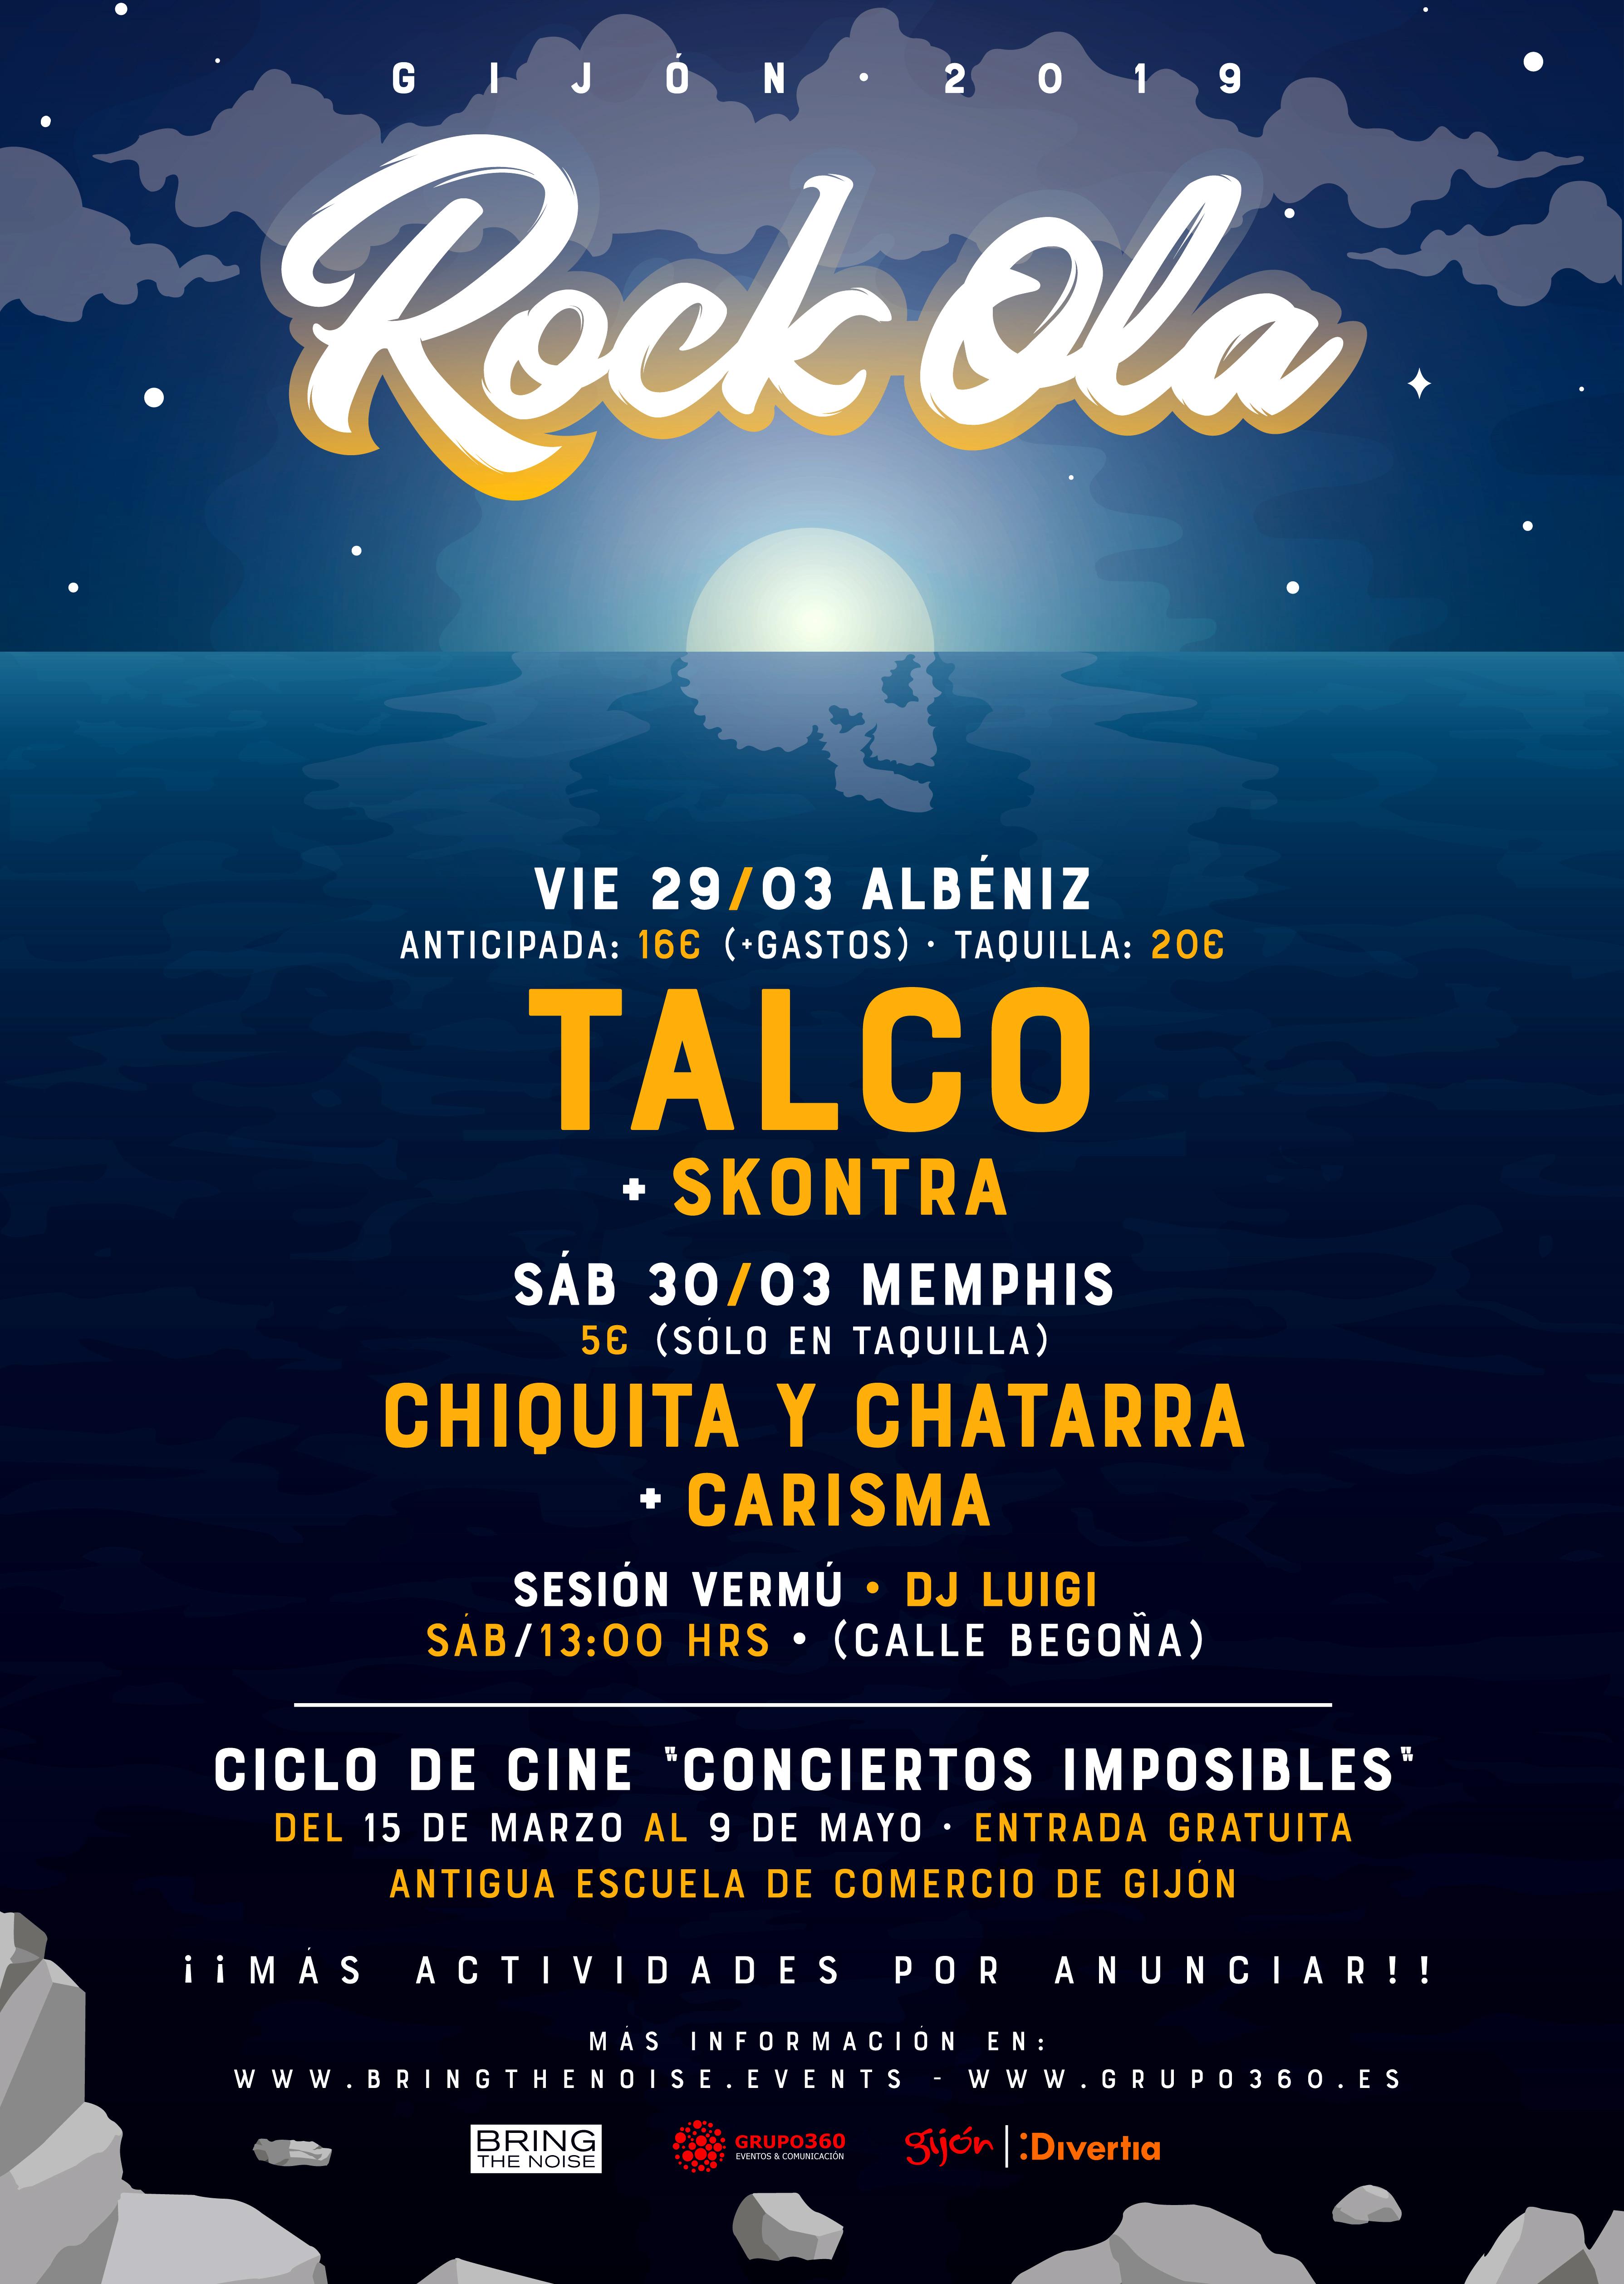 Rock-Ola 2019